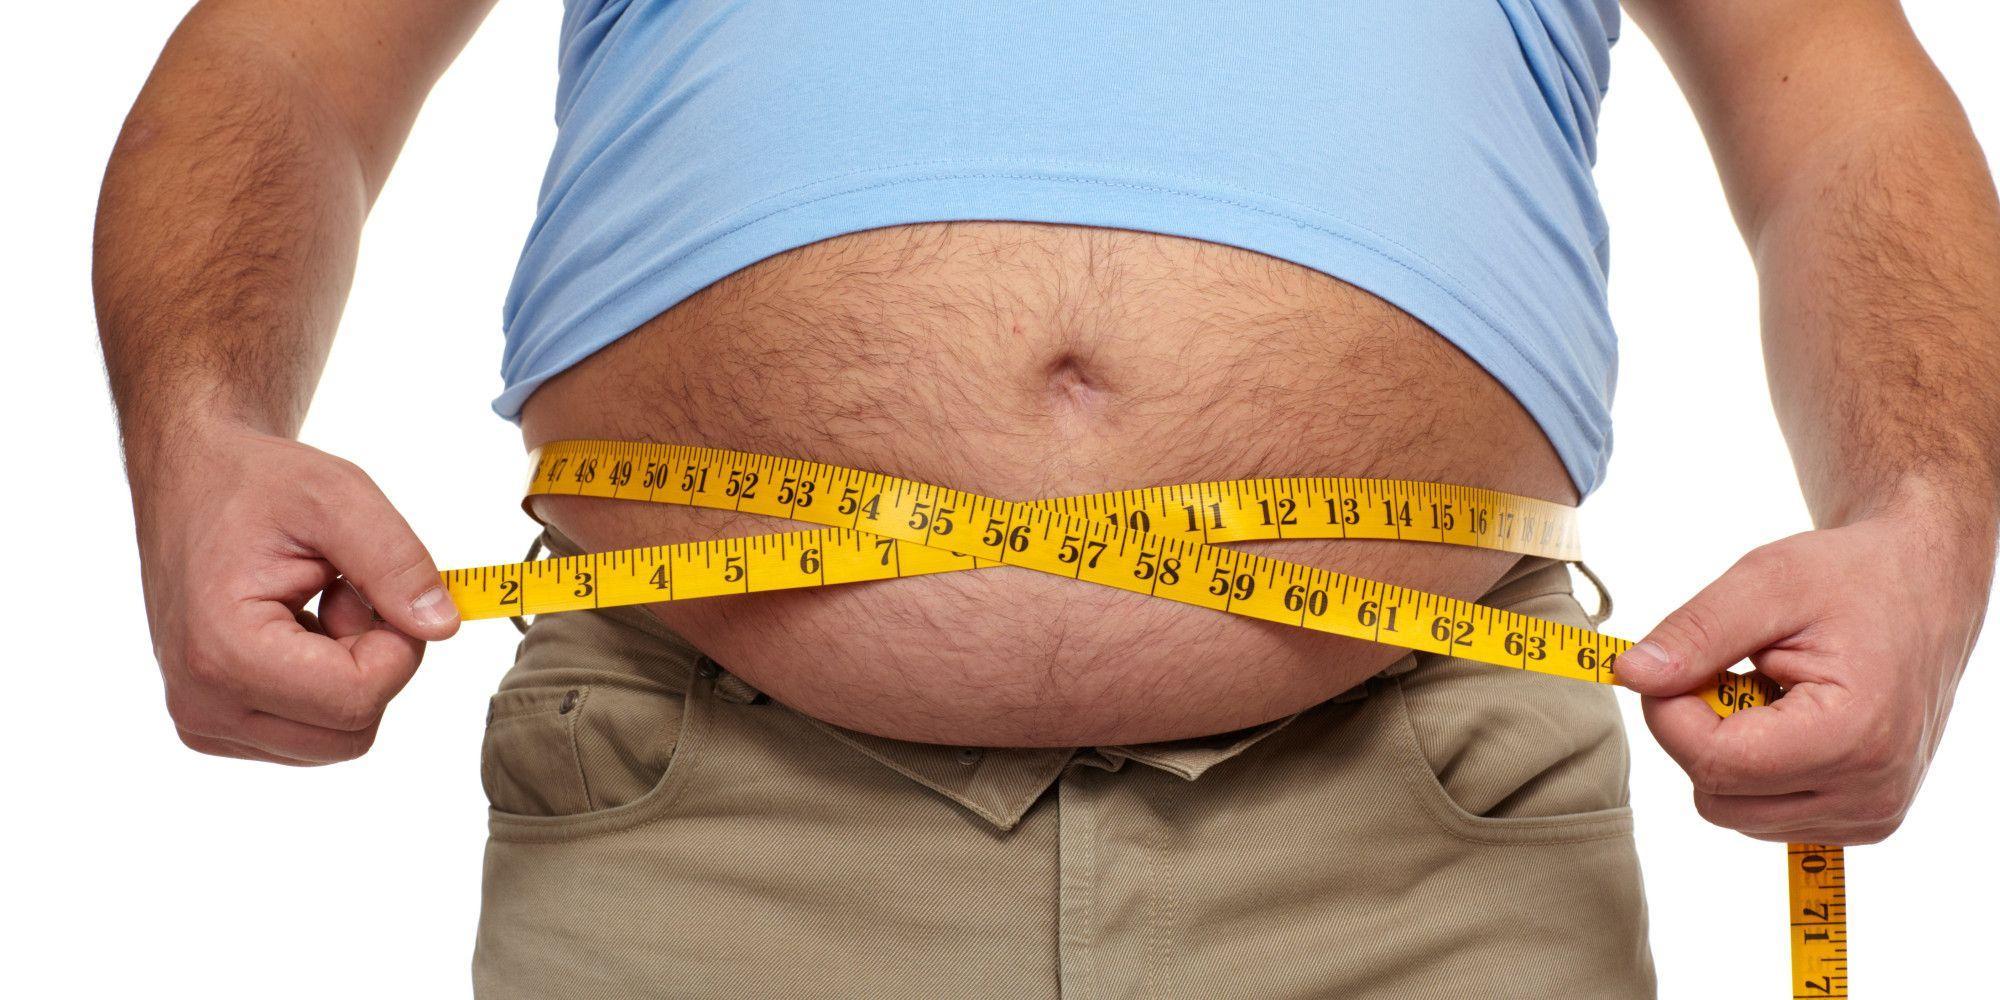 Диабет и высокий индекс массы тела связали с риском возникновения рака